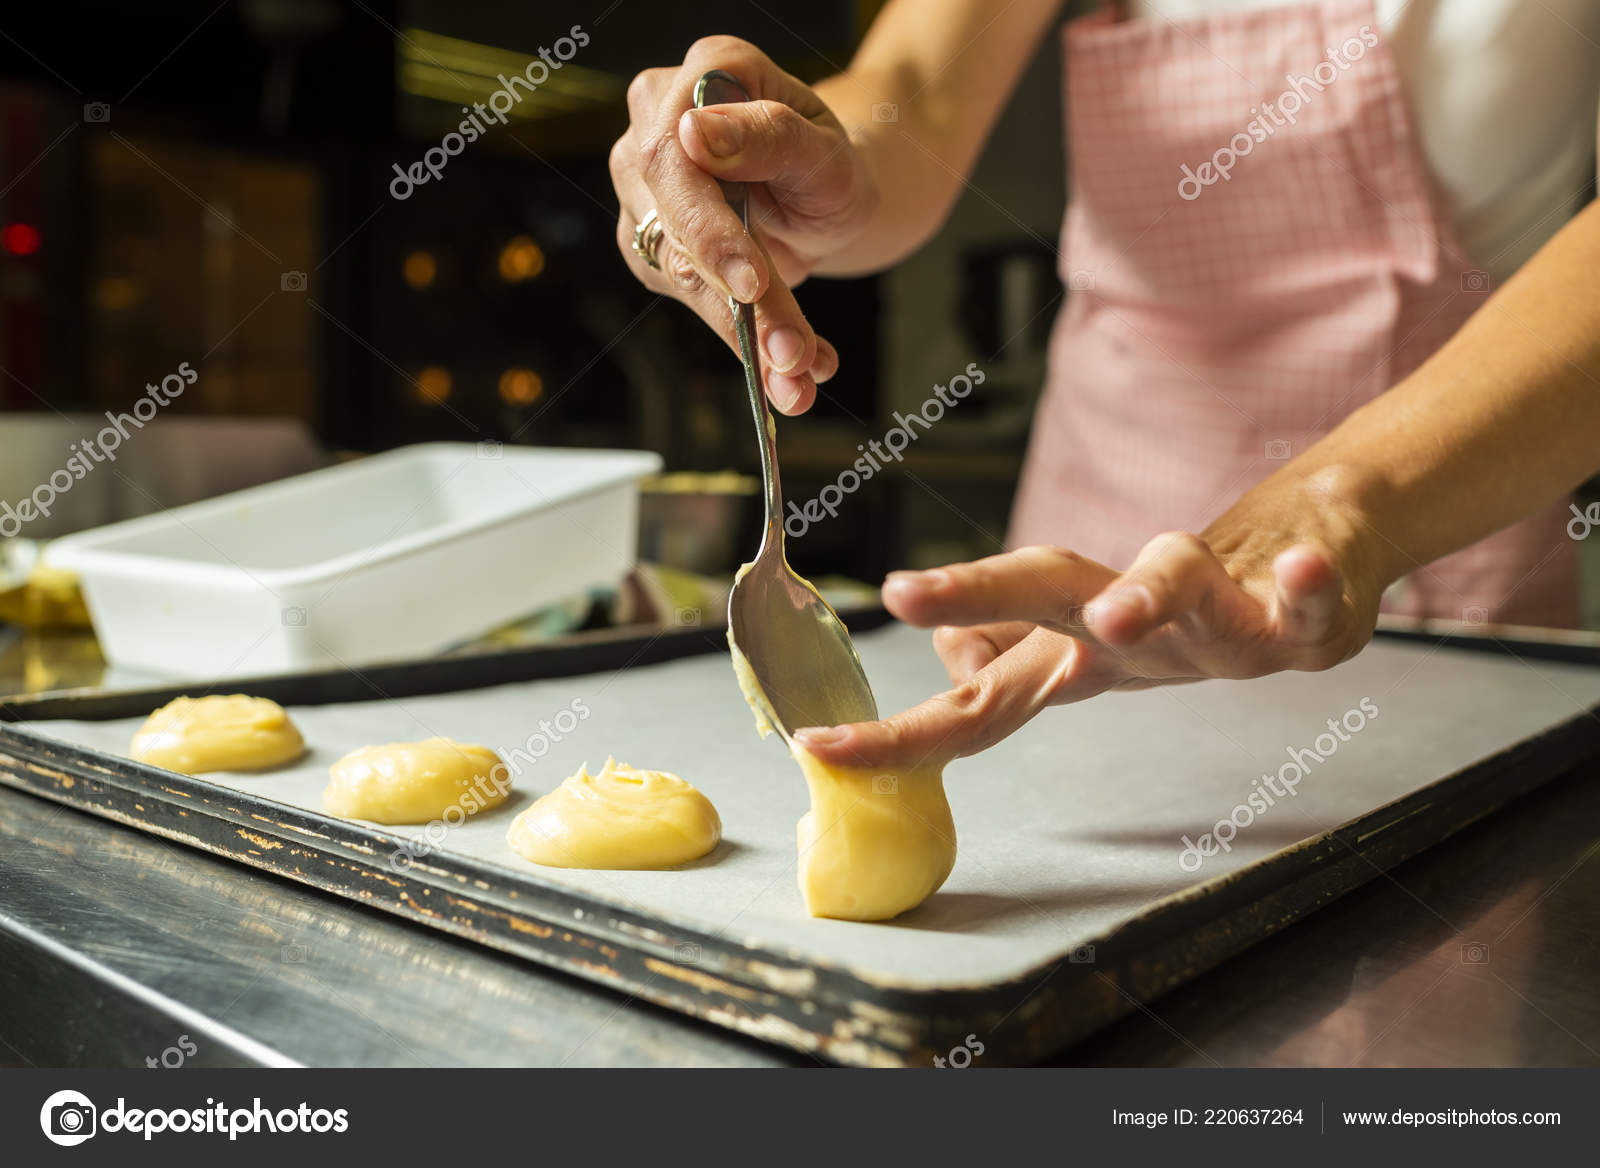 Setzen Ein Blatterteig Auf Einem Backblech Kuchen Stockfoto